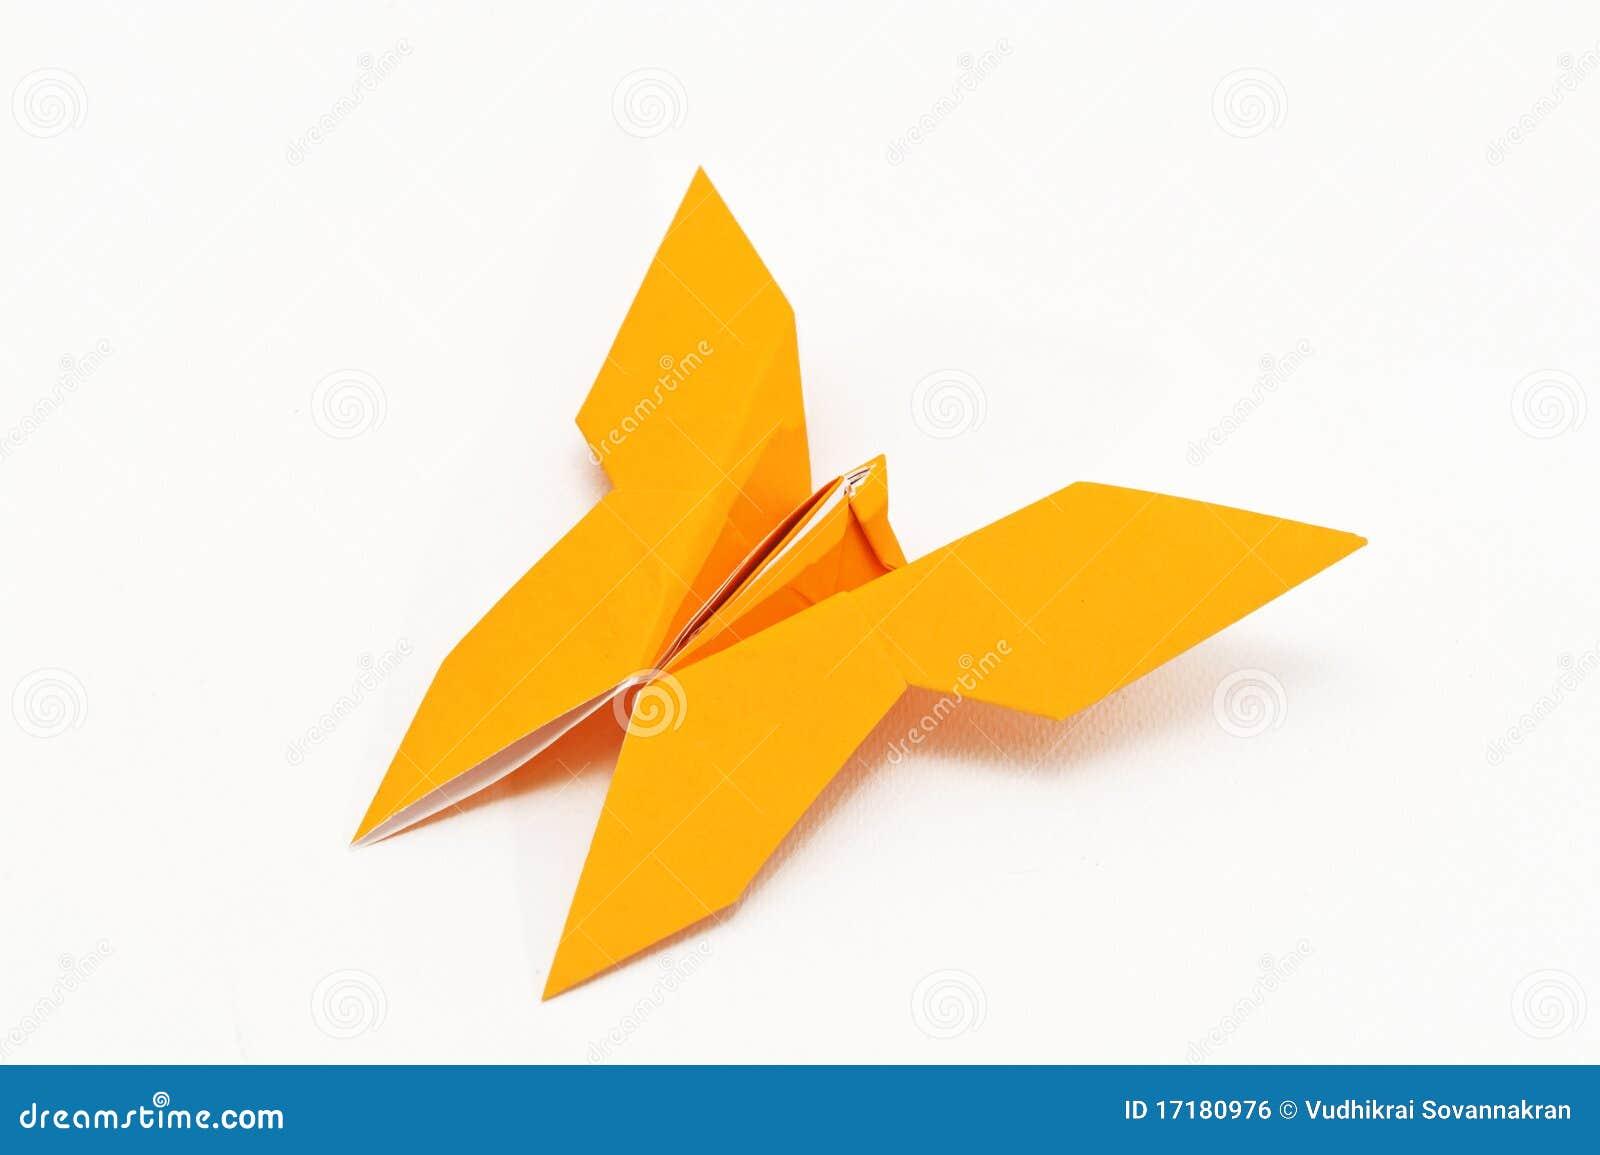 Japanese Origami Royalty Free Stock Image - Image: 17180976 - photo#48